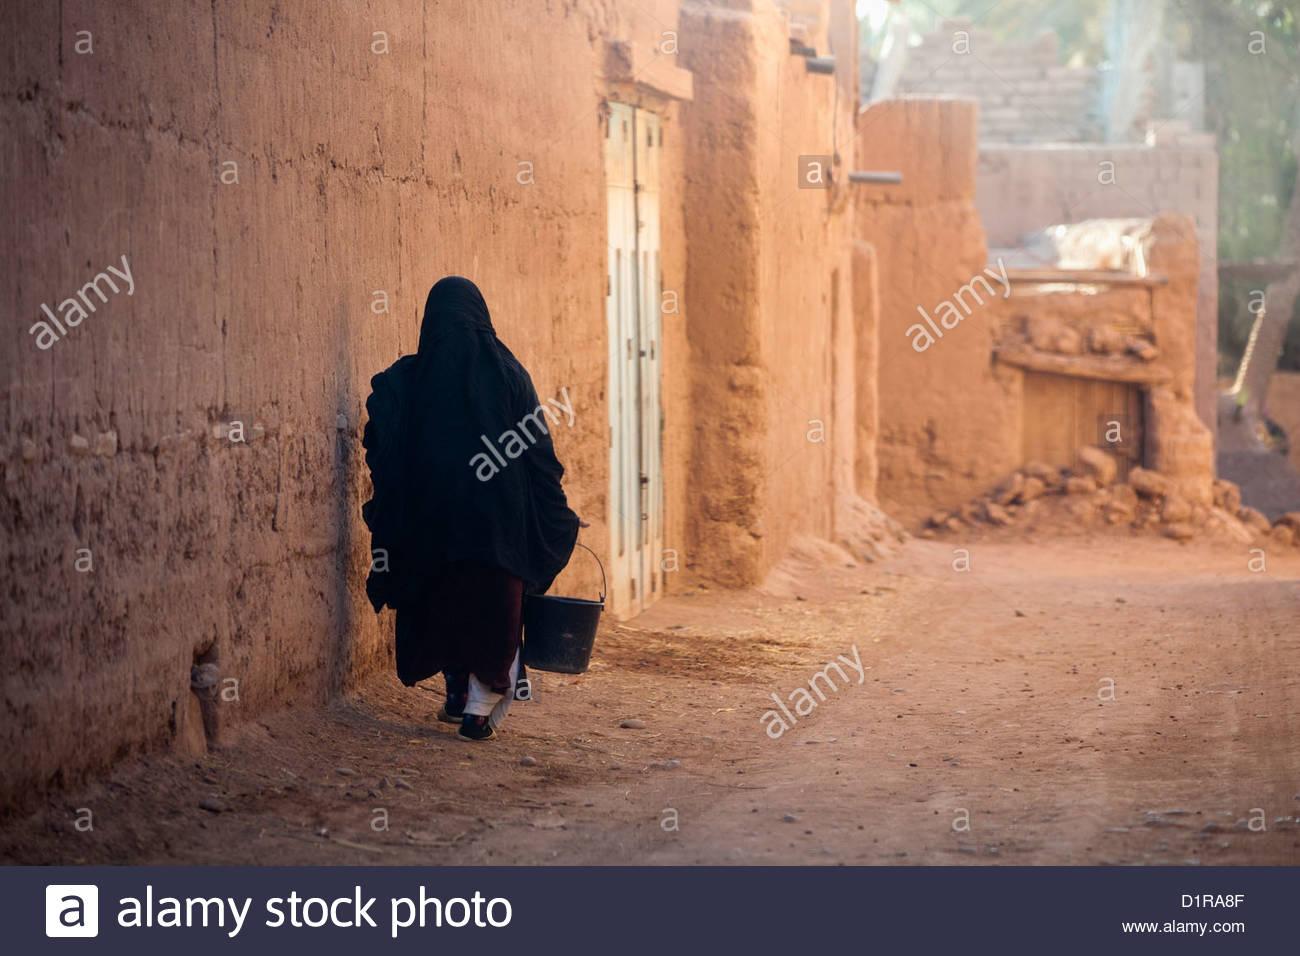 Marokko, in der Nähe von Agdz, Frau auf Straße. Stockbild